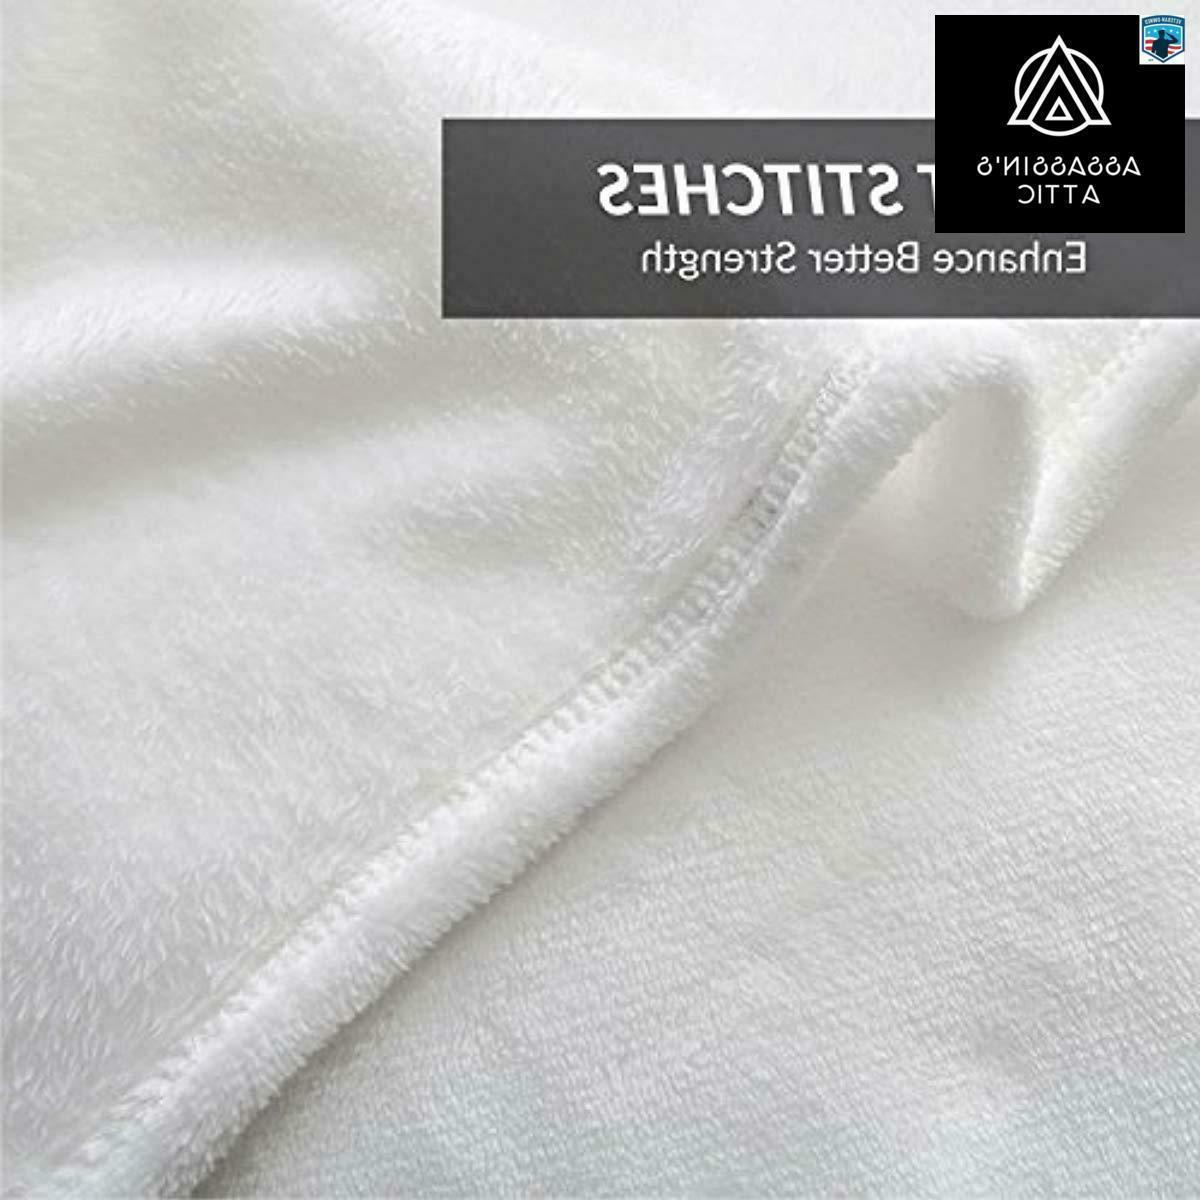 Bedsure Size Lightweight Throw Blanket